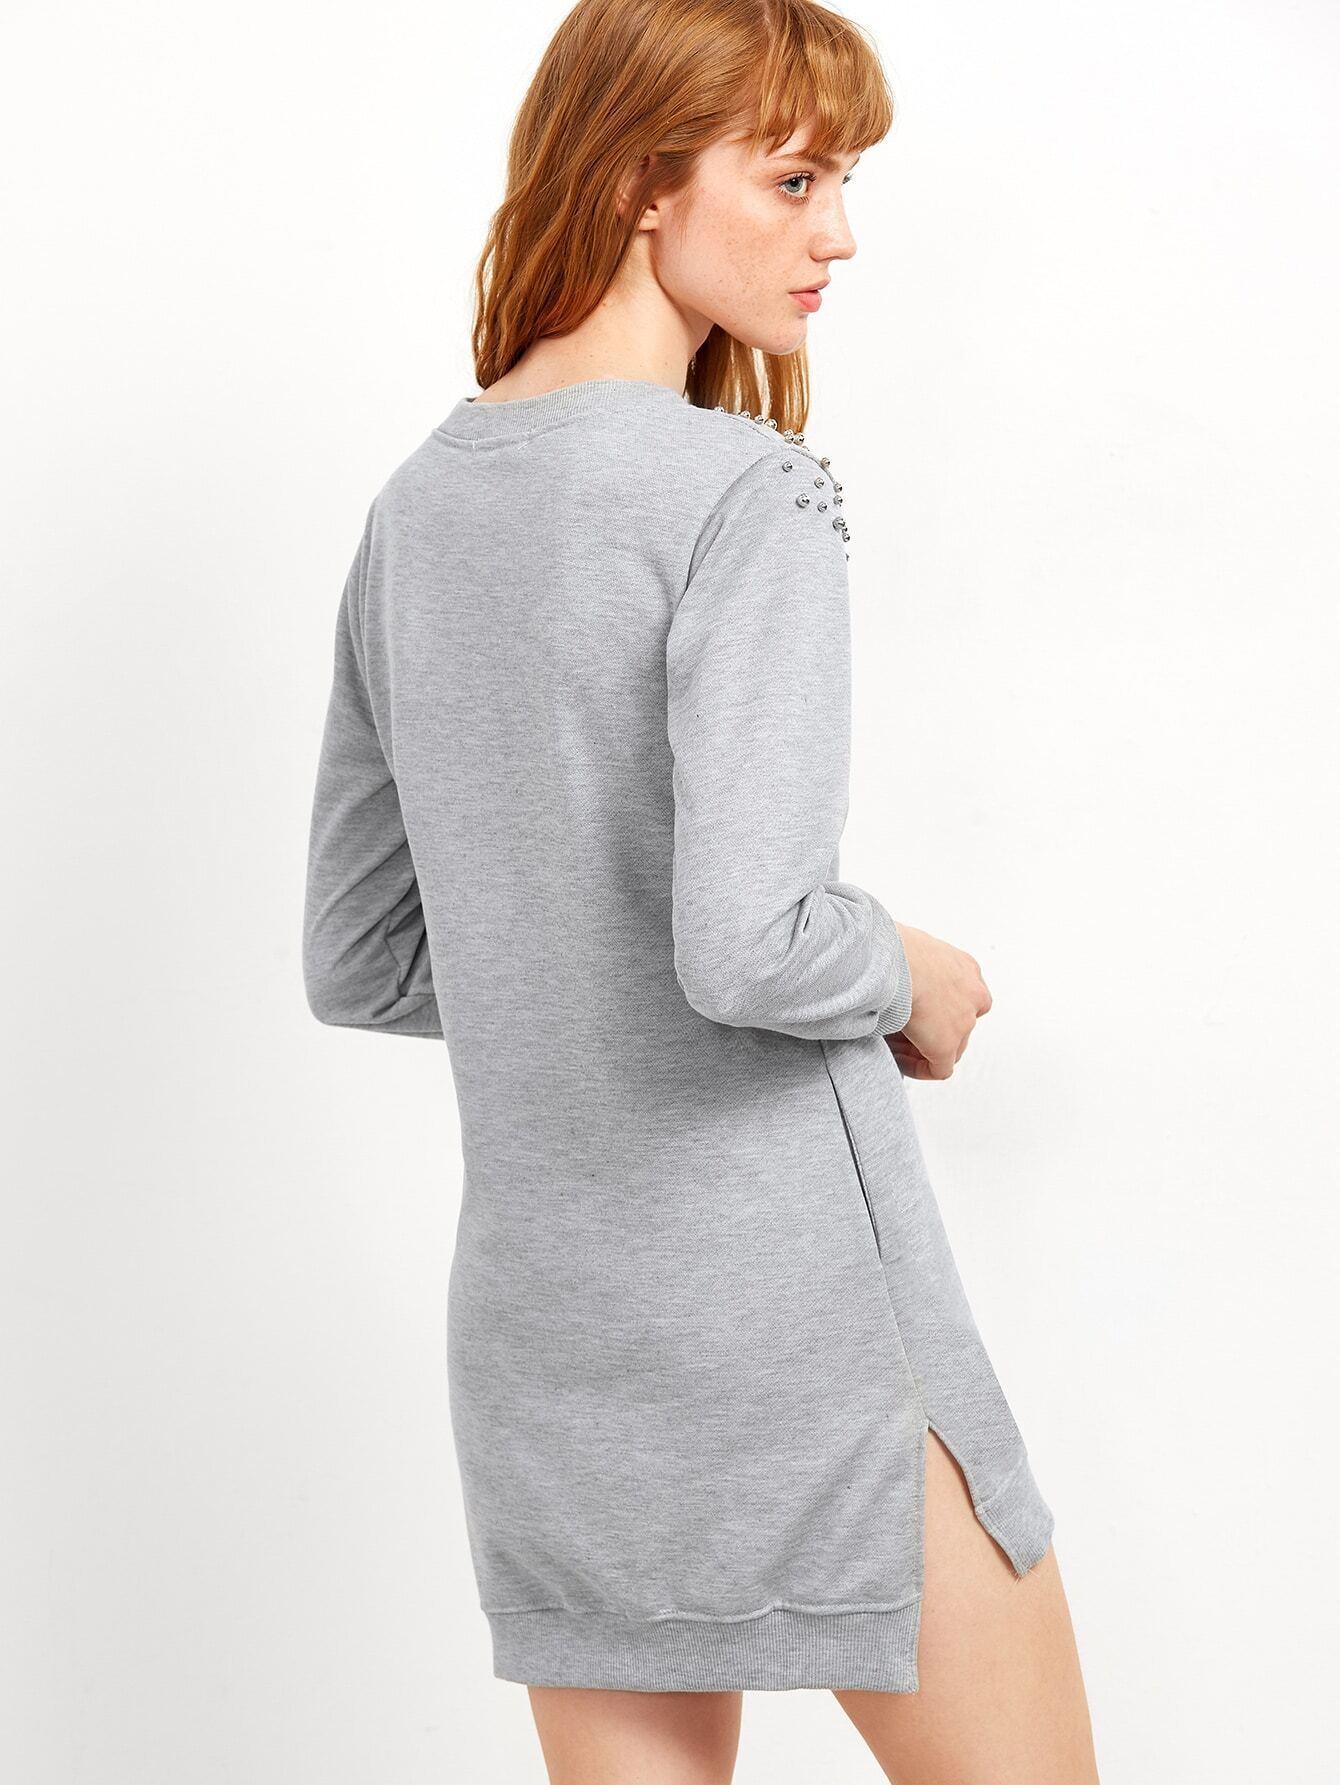 Sweatshirt kleid vorne kurz hinten lang grau german - Sweatshirt kleid lang ...